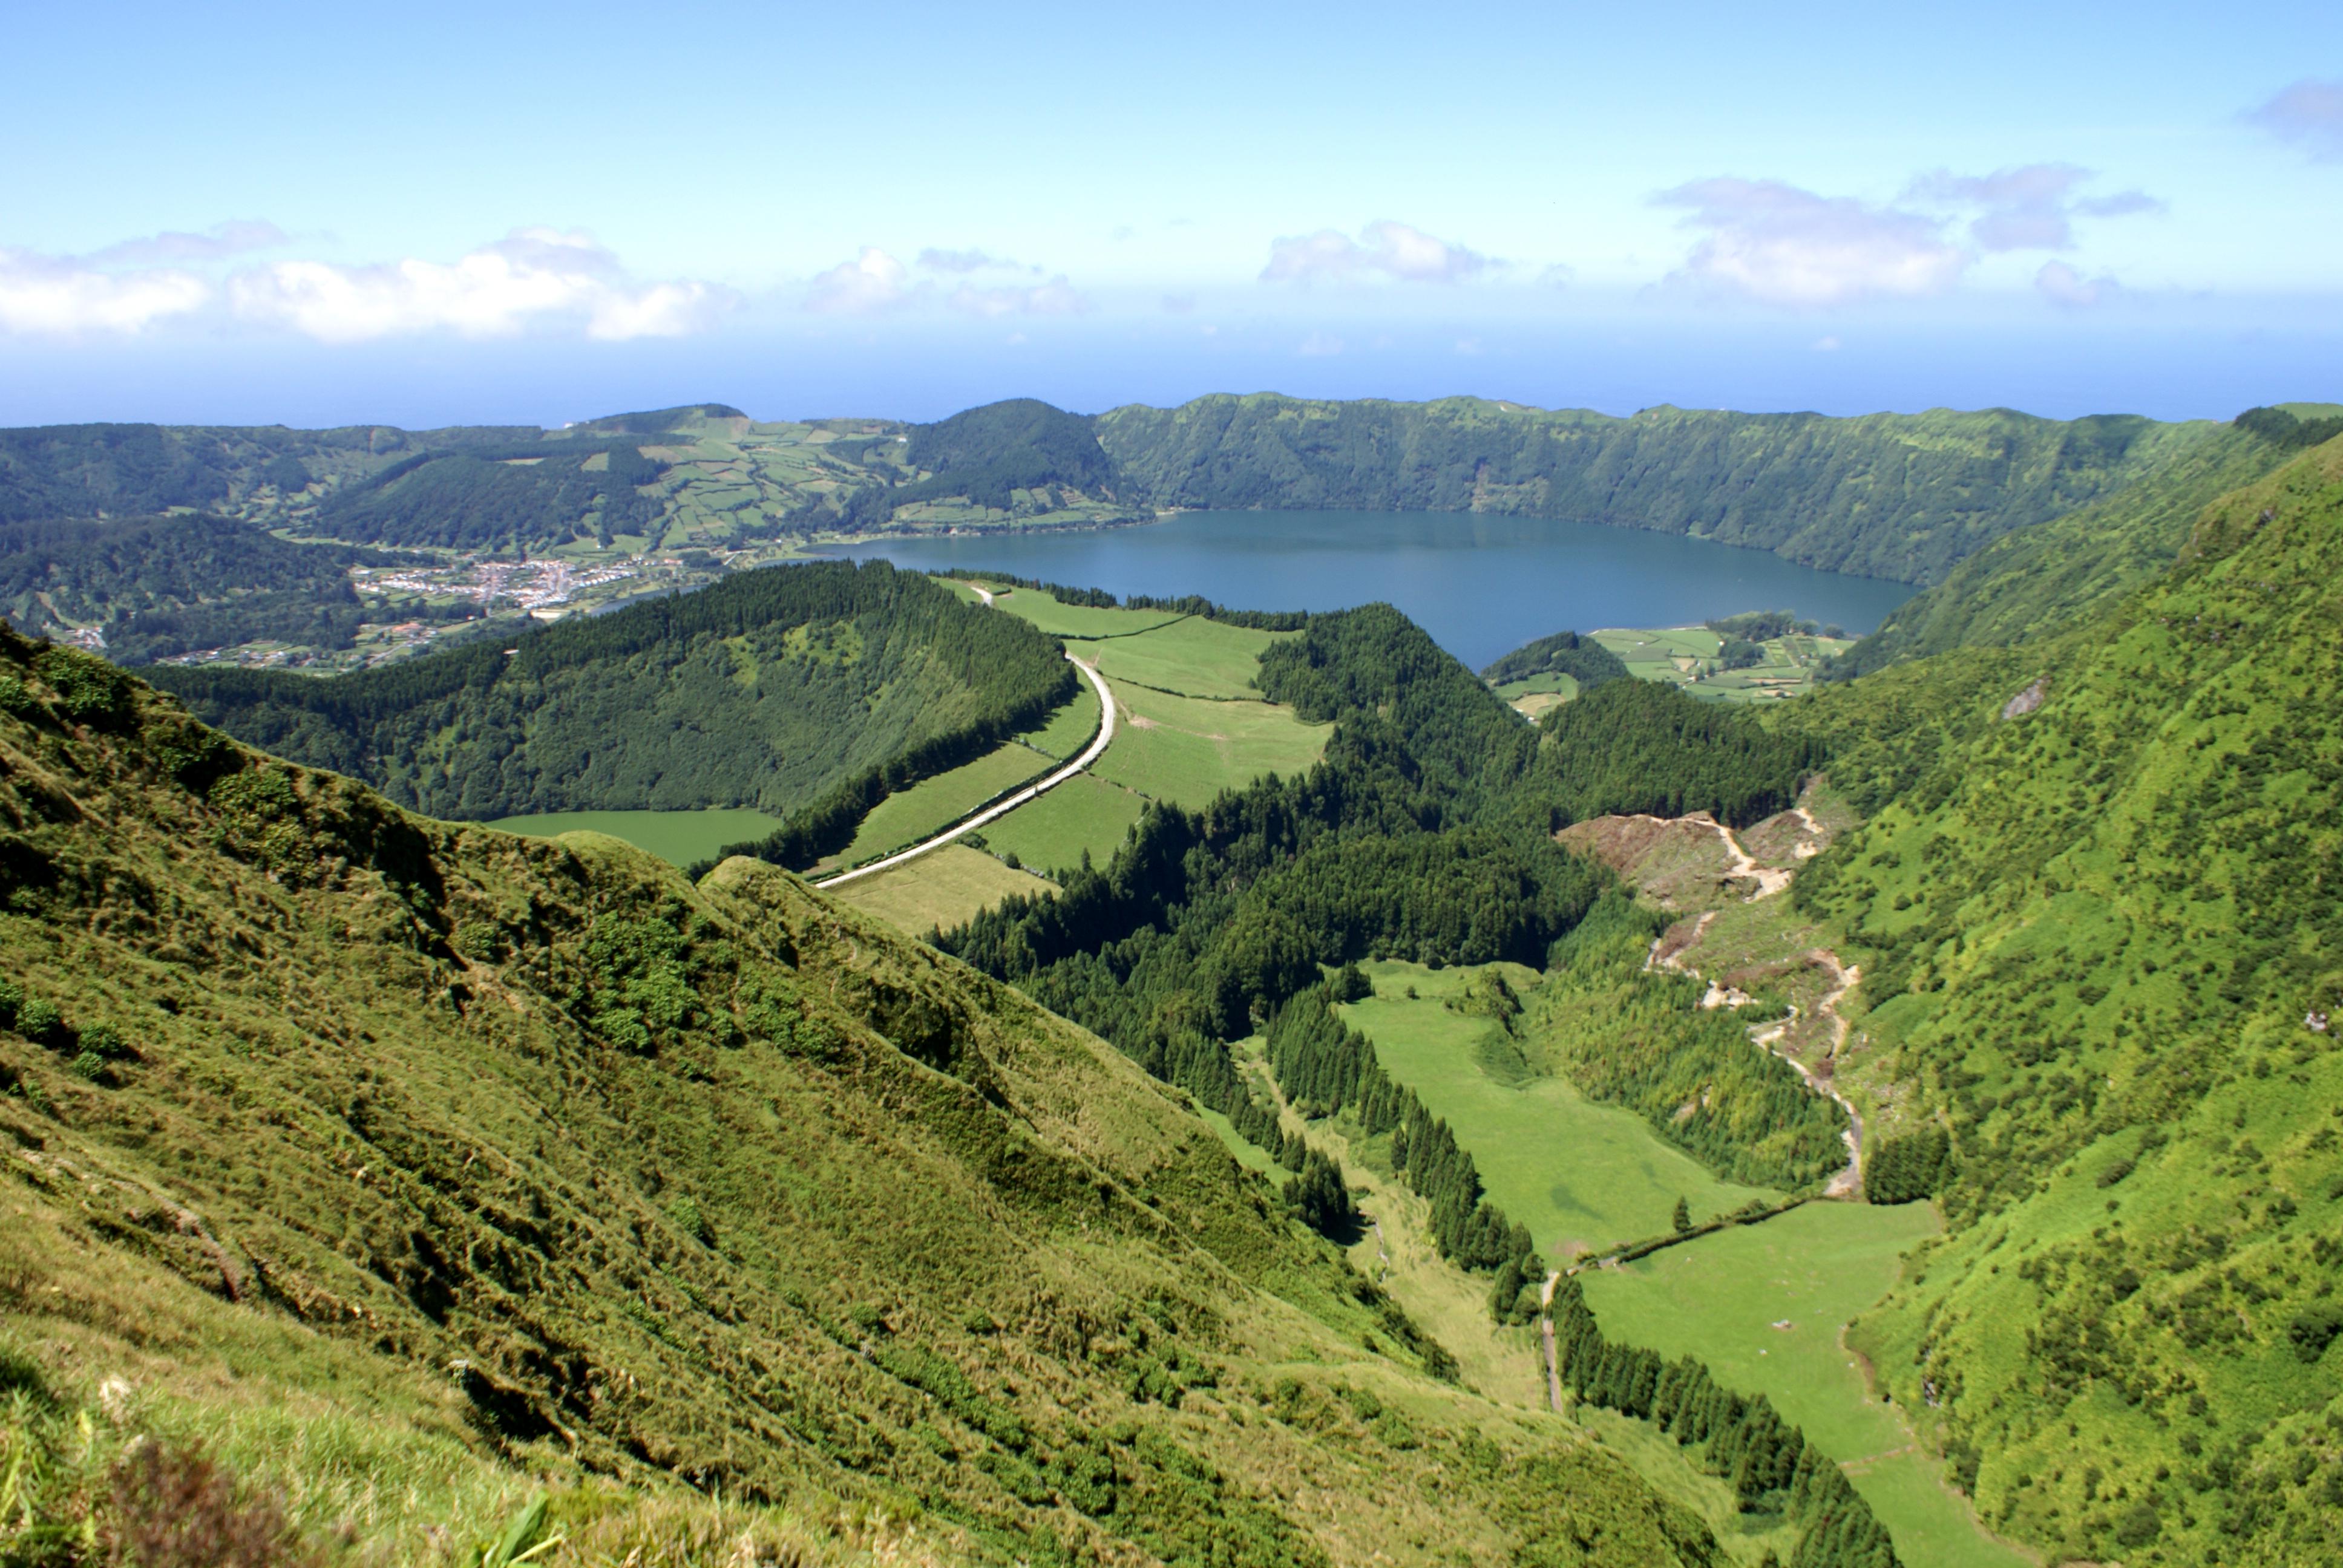 2. Açores